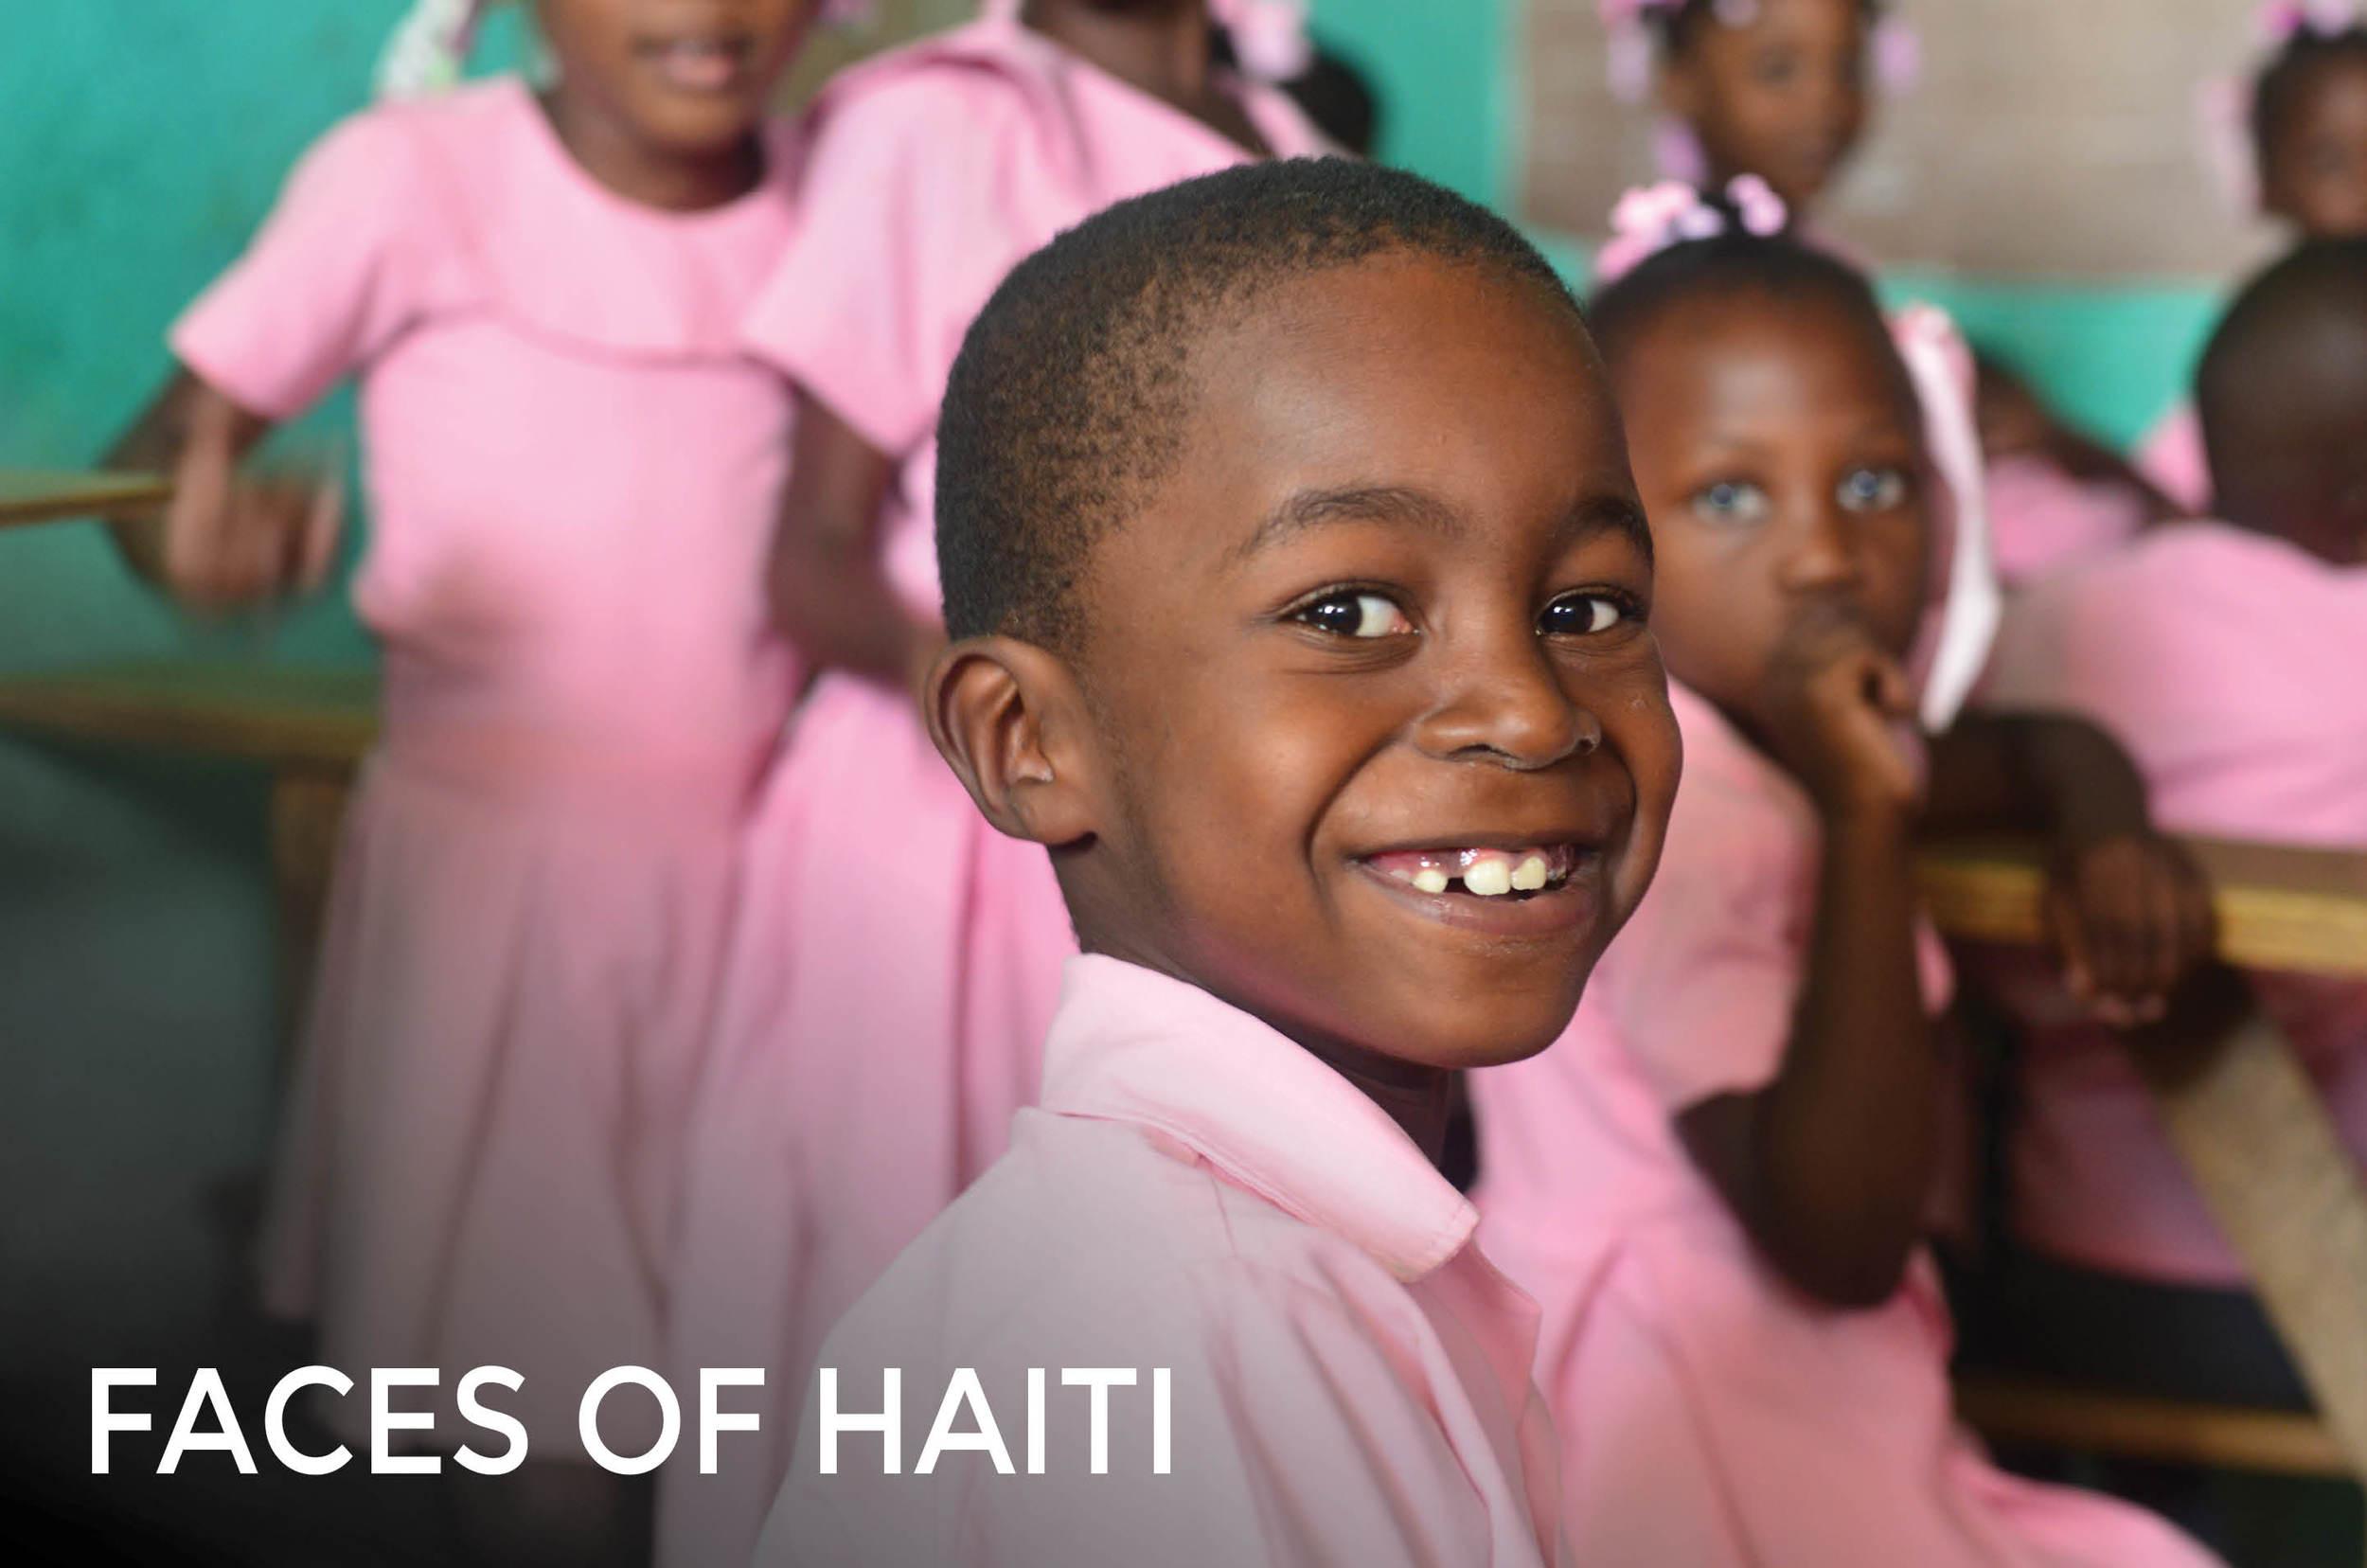 Faces_of_haiti.jpg